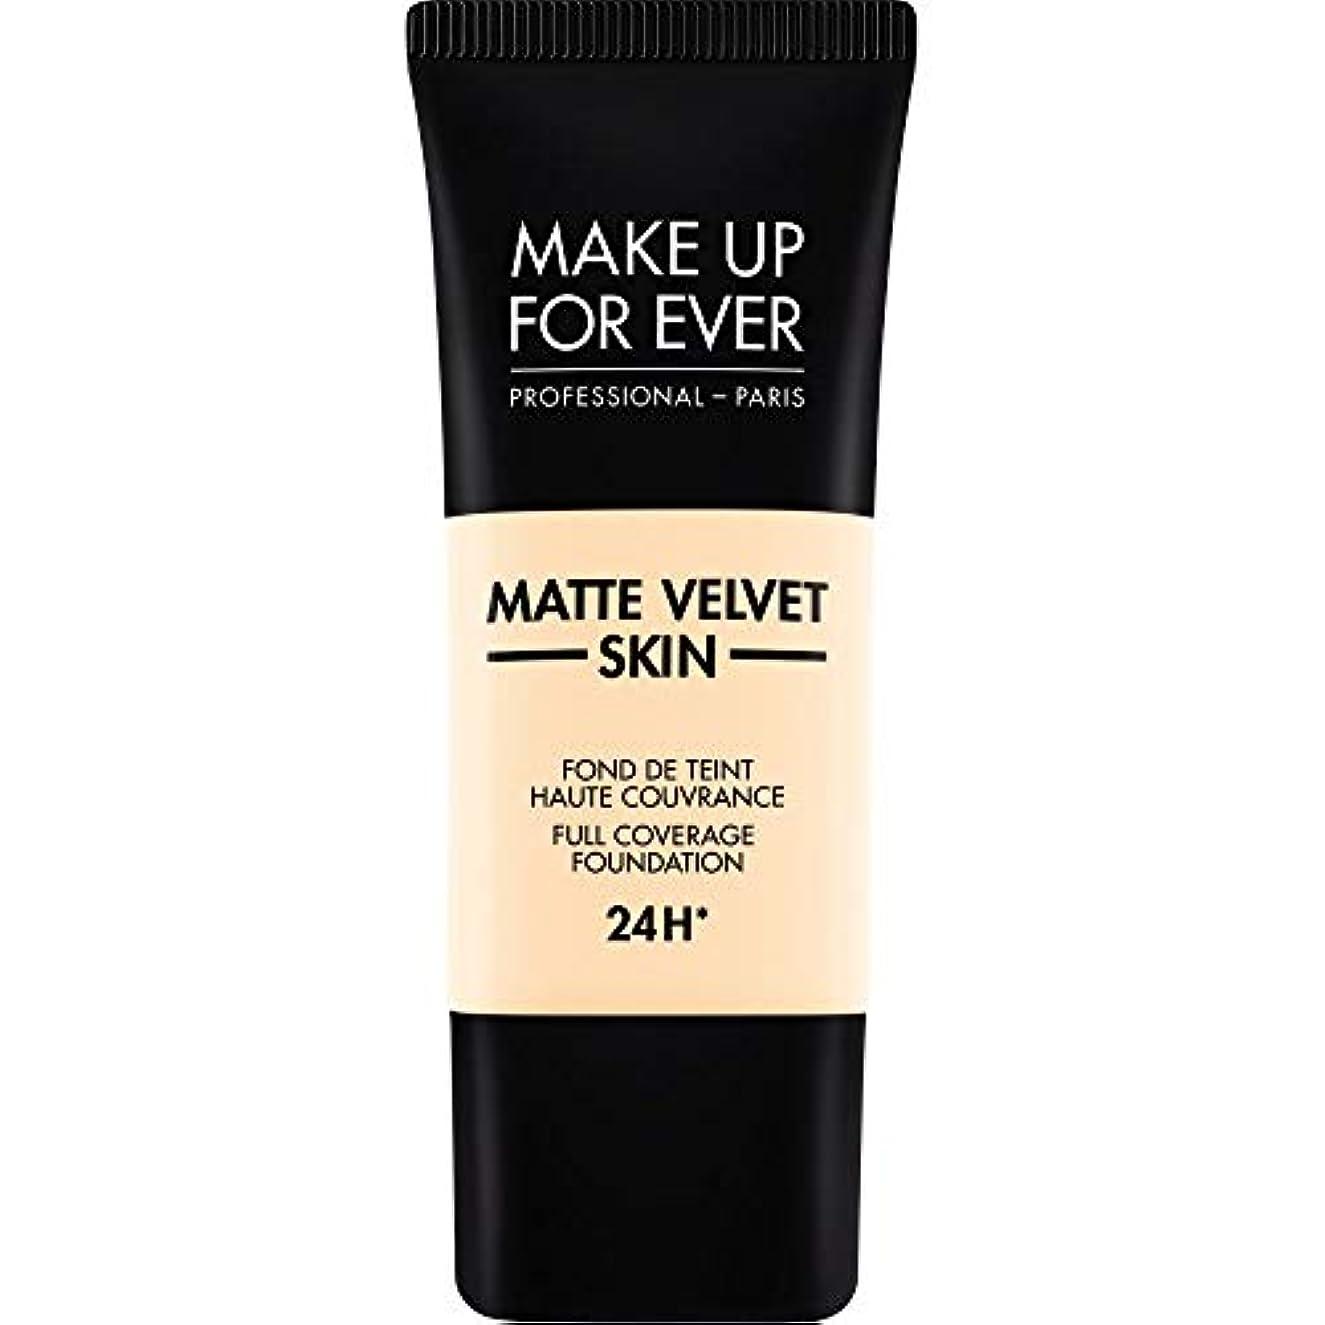 強風のスコアレッスン[MAKE UP FOR EVER] これまでマットベルベットの皮膚のフルカバレッジ基礎30ミリリットルのY205を補う - アラバスター - MAKE UP FOR EVER Matte Velvet Skin Full Coverage Foundation 30ml Y205 - Alabaster [並行輸入品]